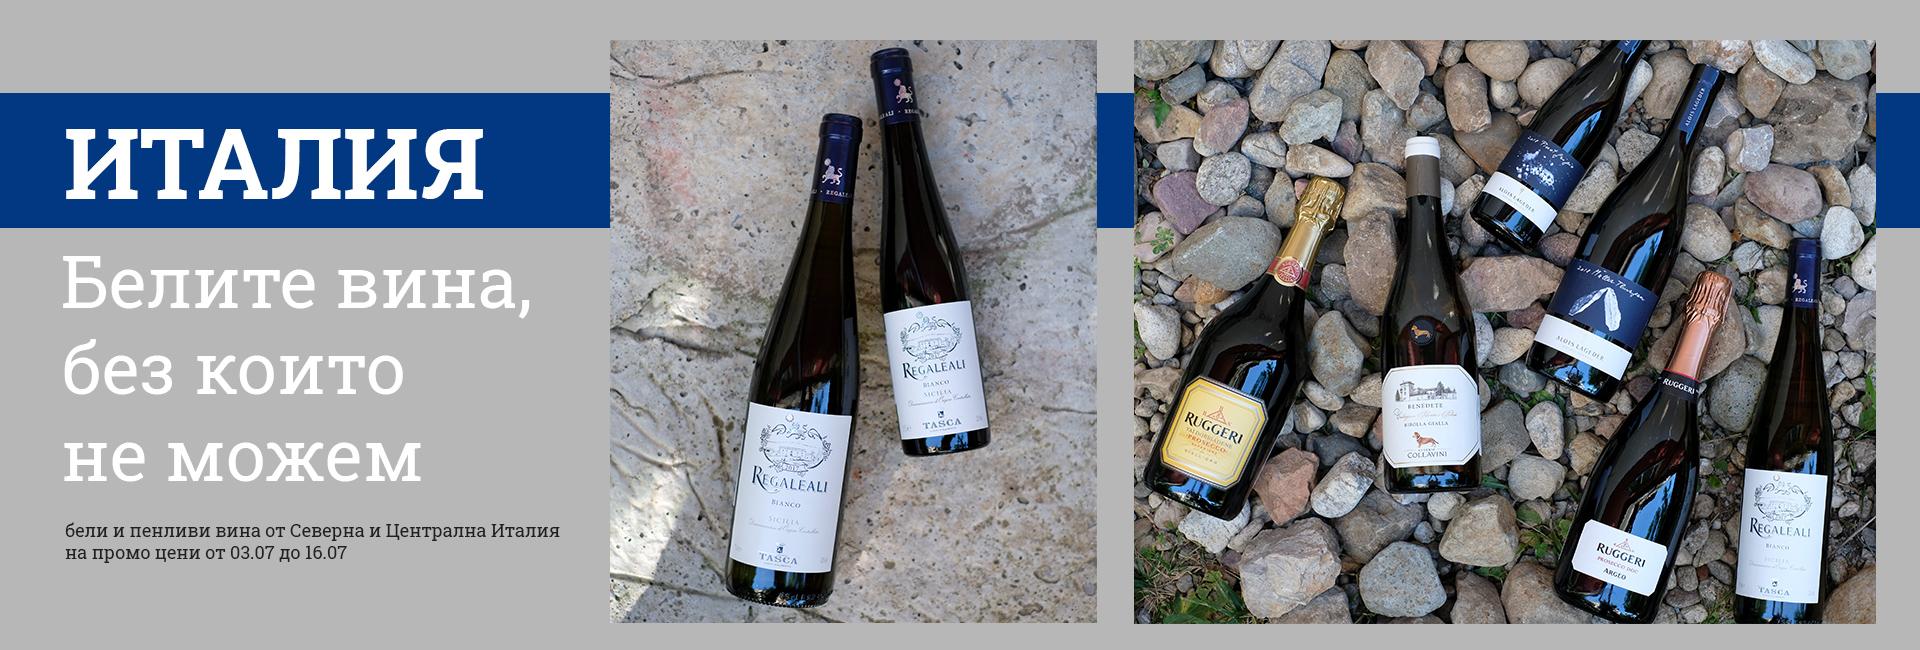 ПРОМОВИНО Италия бели вина